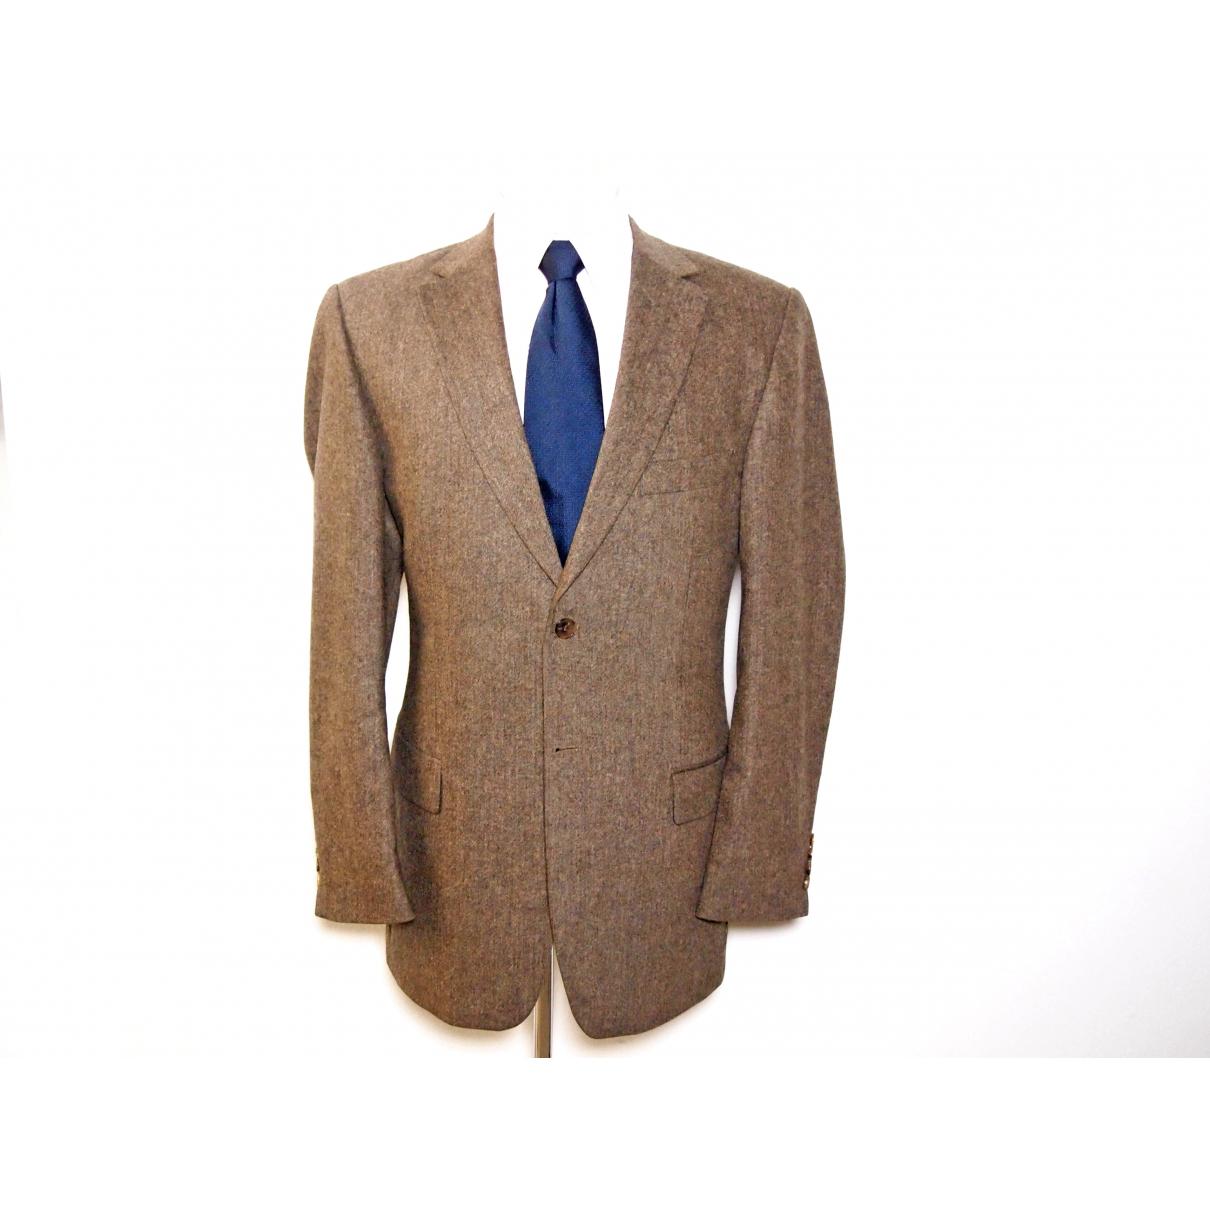 Karl Lagerfeld - Vestes.Blousons   pour homme en laine - marron